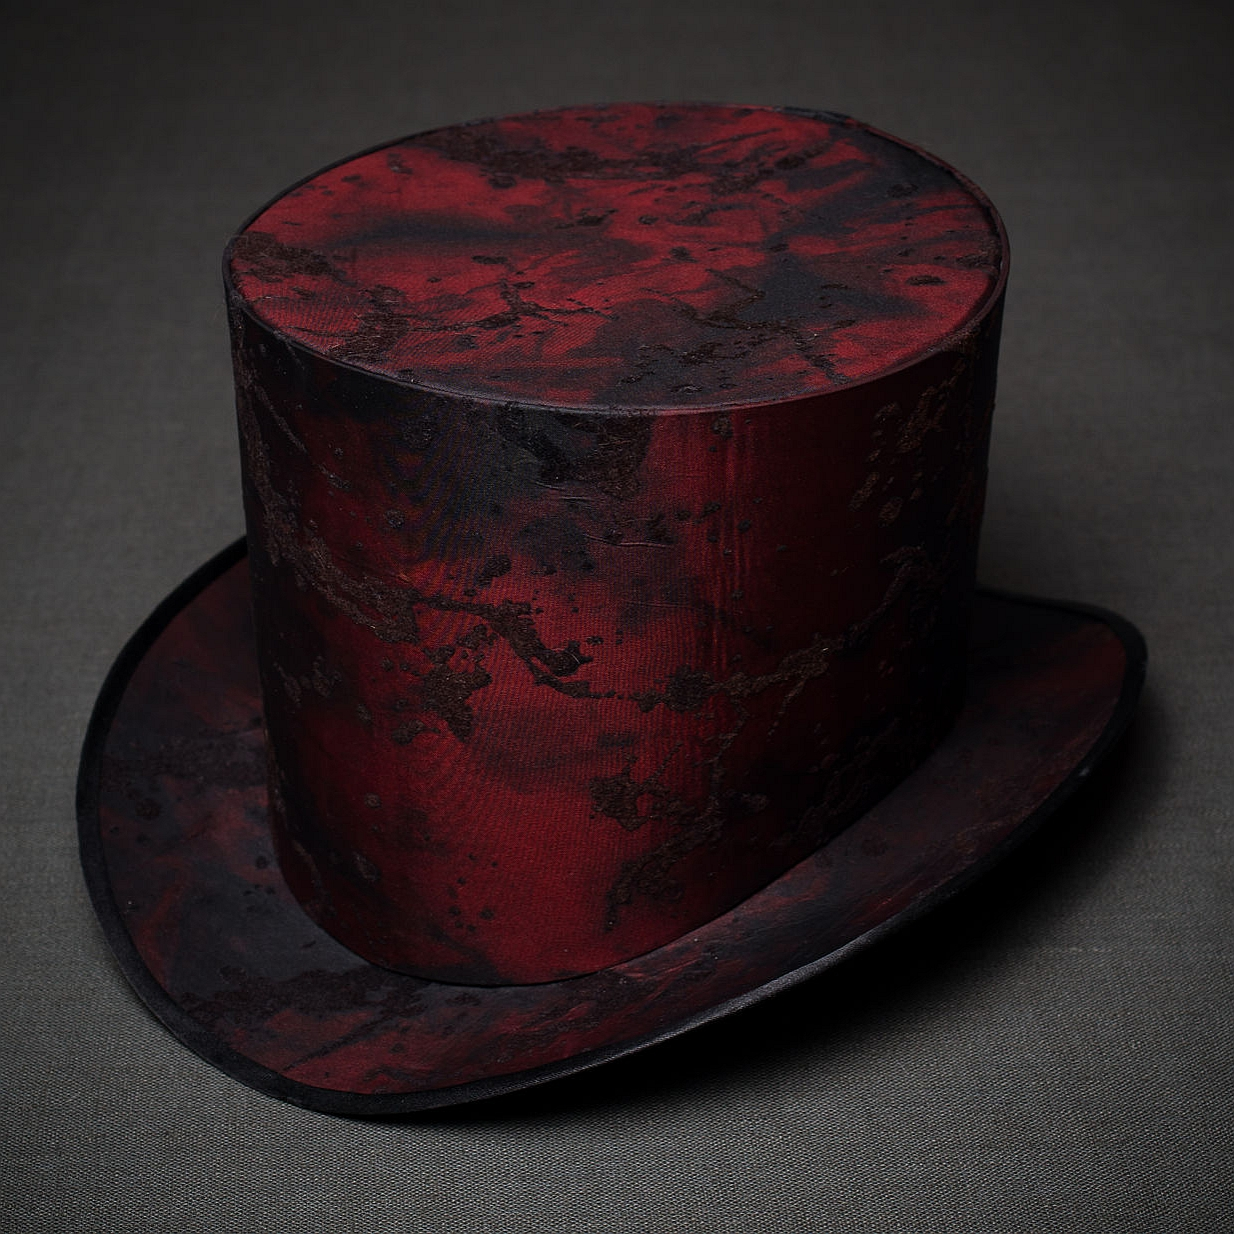 стимпанк шляпа-цилиндр красный закат реинкарнация